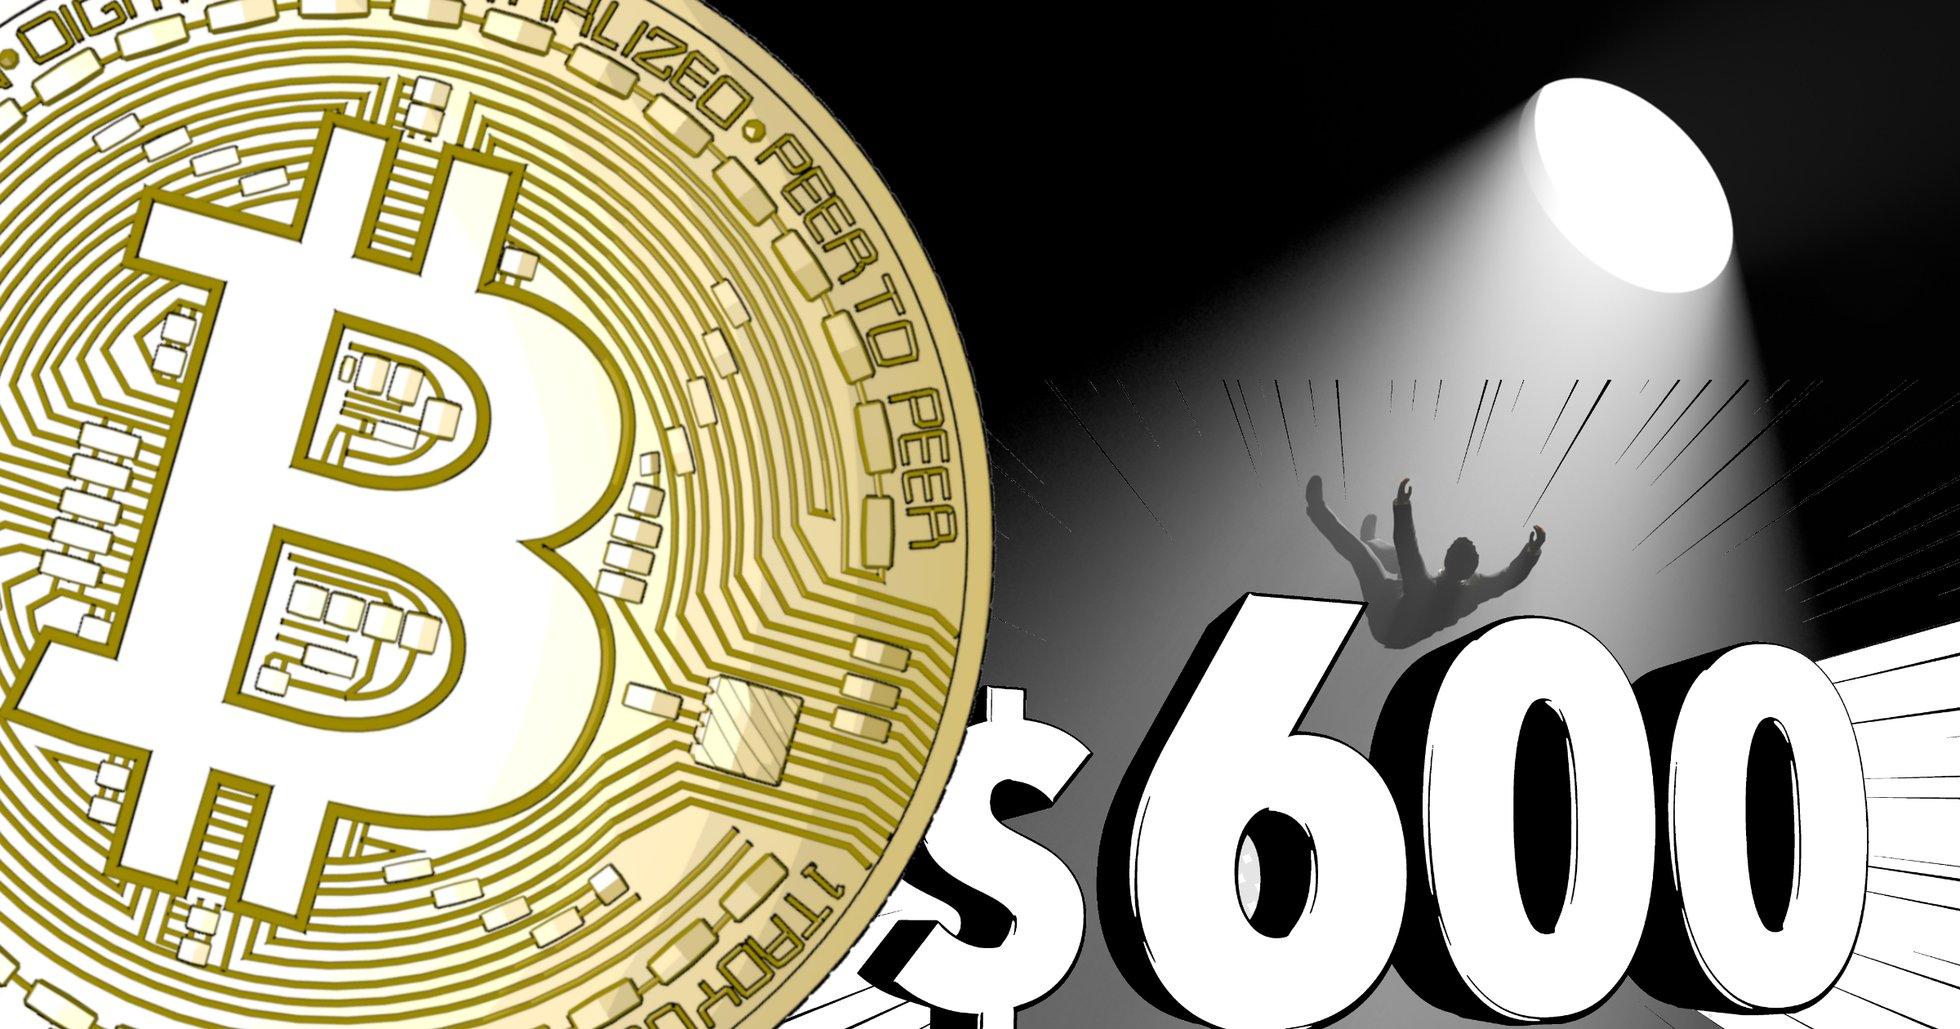 Bitcoin tappar 600 dollar på några minuter – handlas under 10 000 dollar.